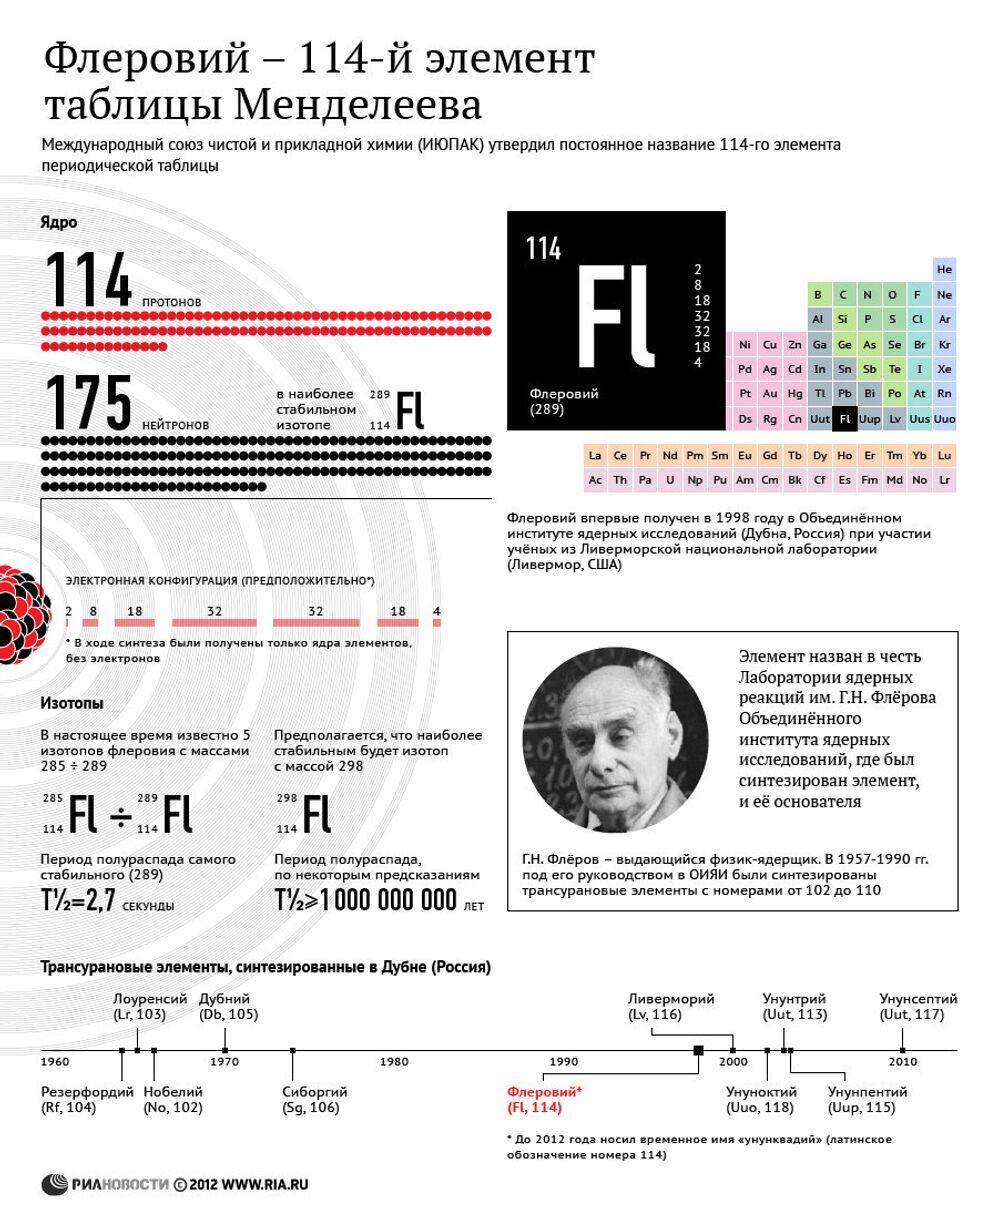 Флеровий - 114-й элемент таблицы Менделеева